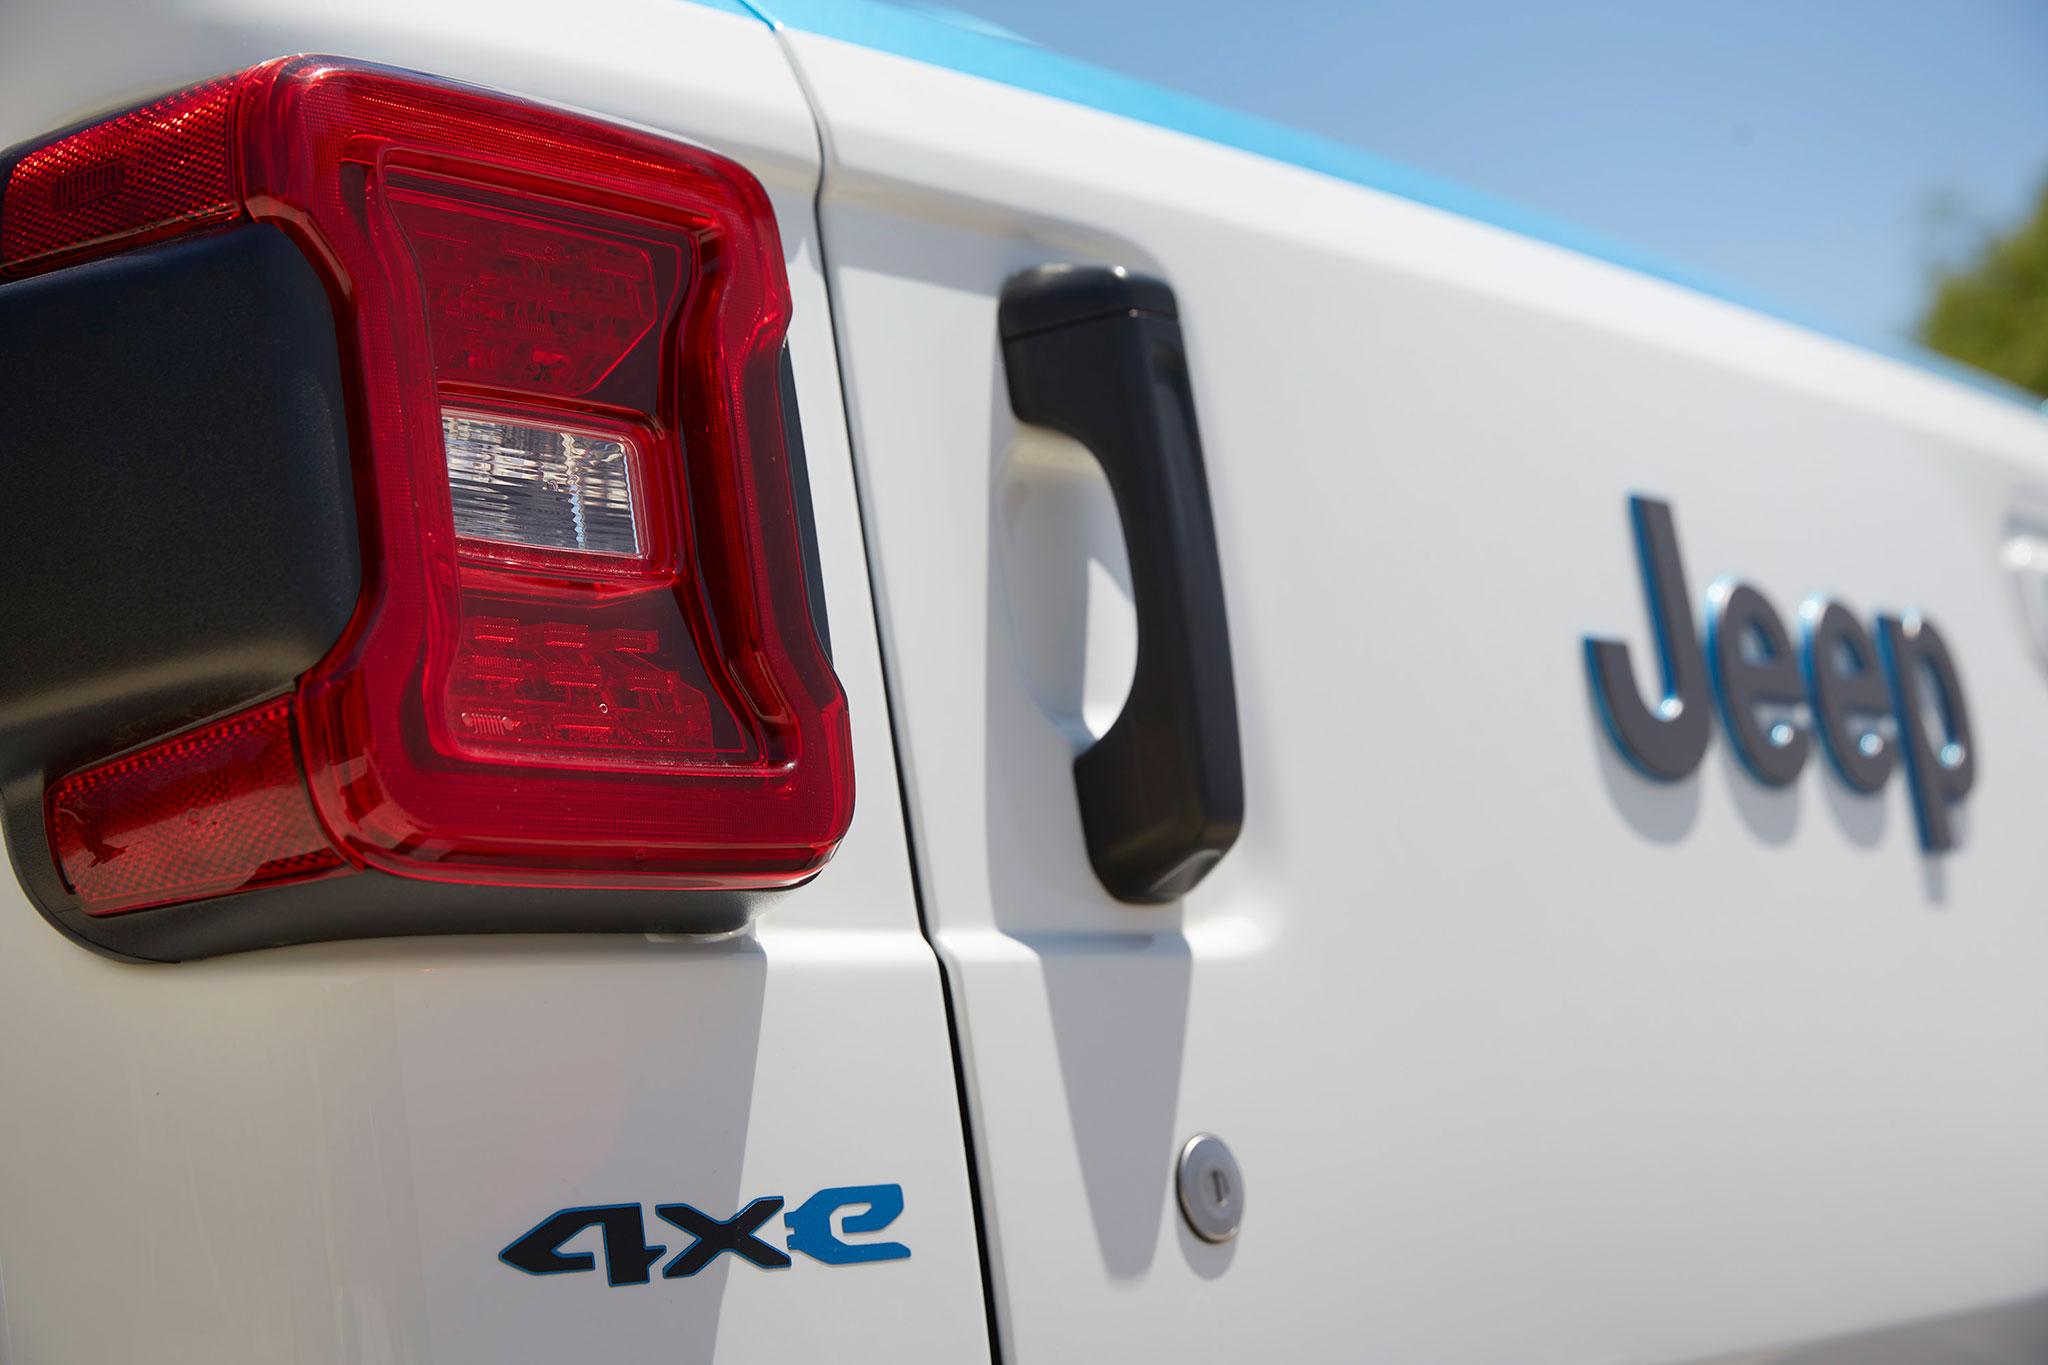 2021 Jeep Wrangler Magneto Concept détail de l'ouverture de la porte arrière avec le monogramme 4xe - Concept Cars de Jeep®.